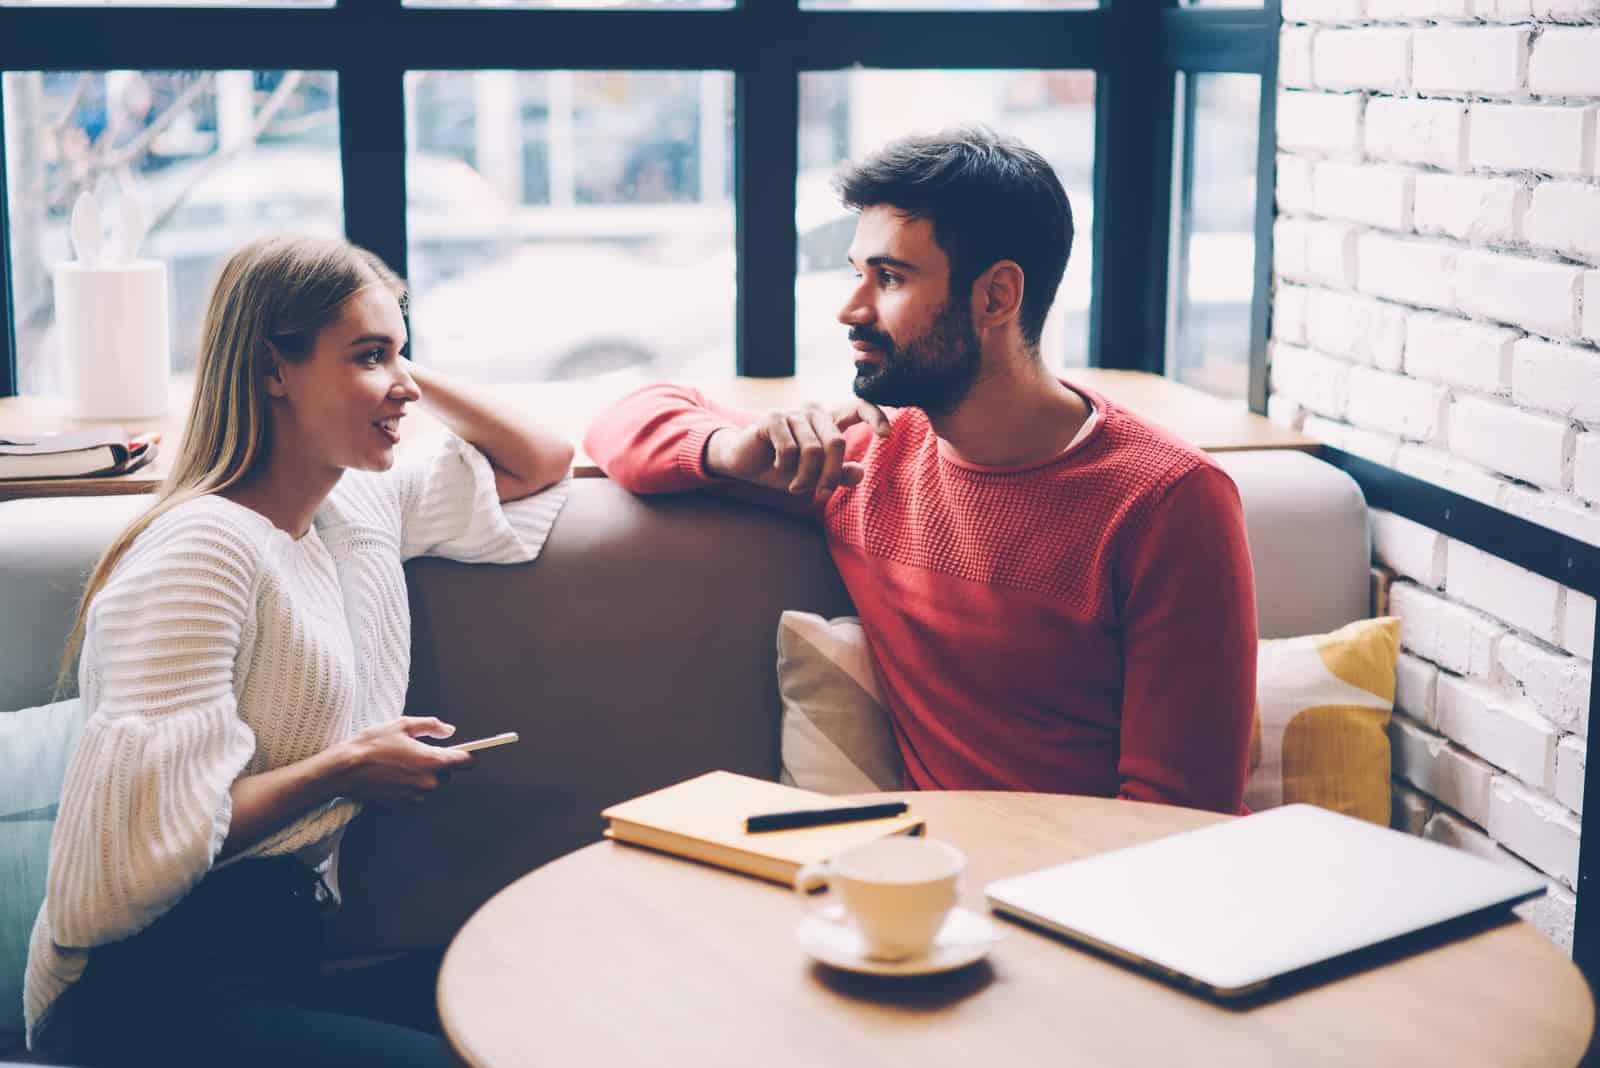 un homme et une femme discutent dans un café